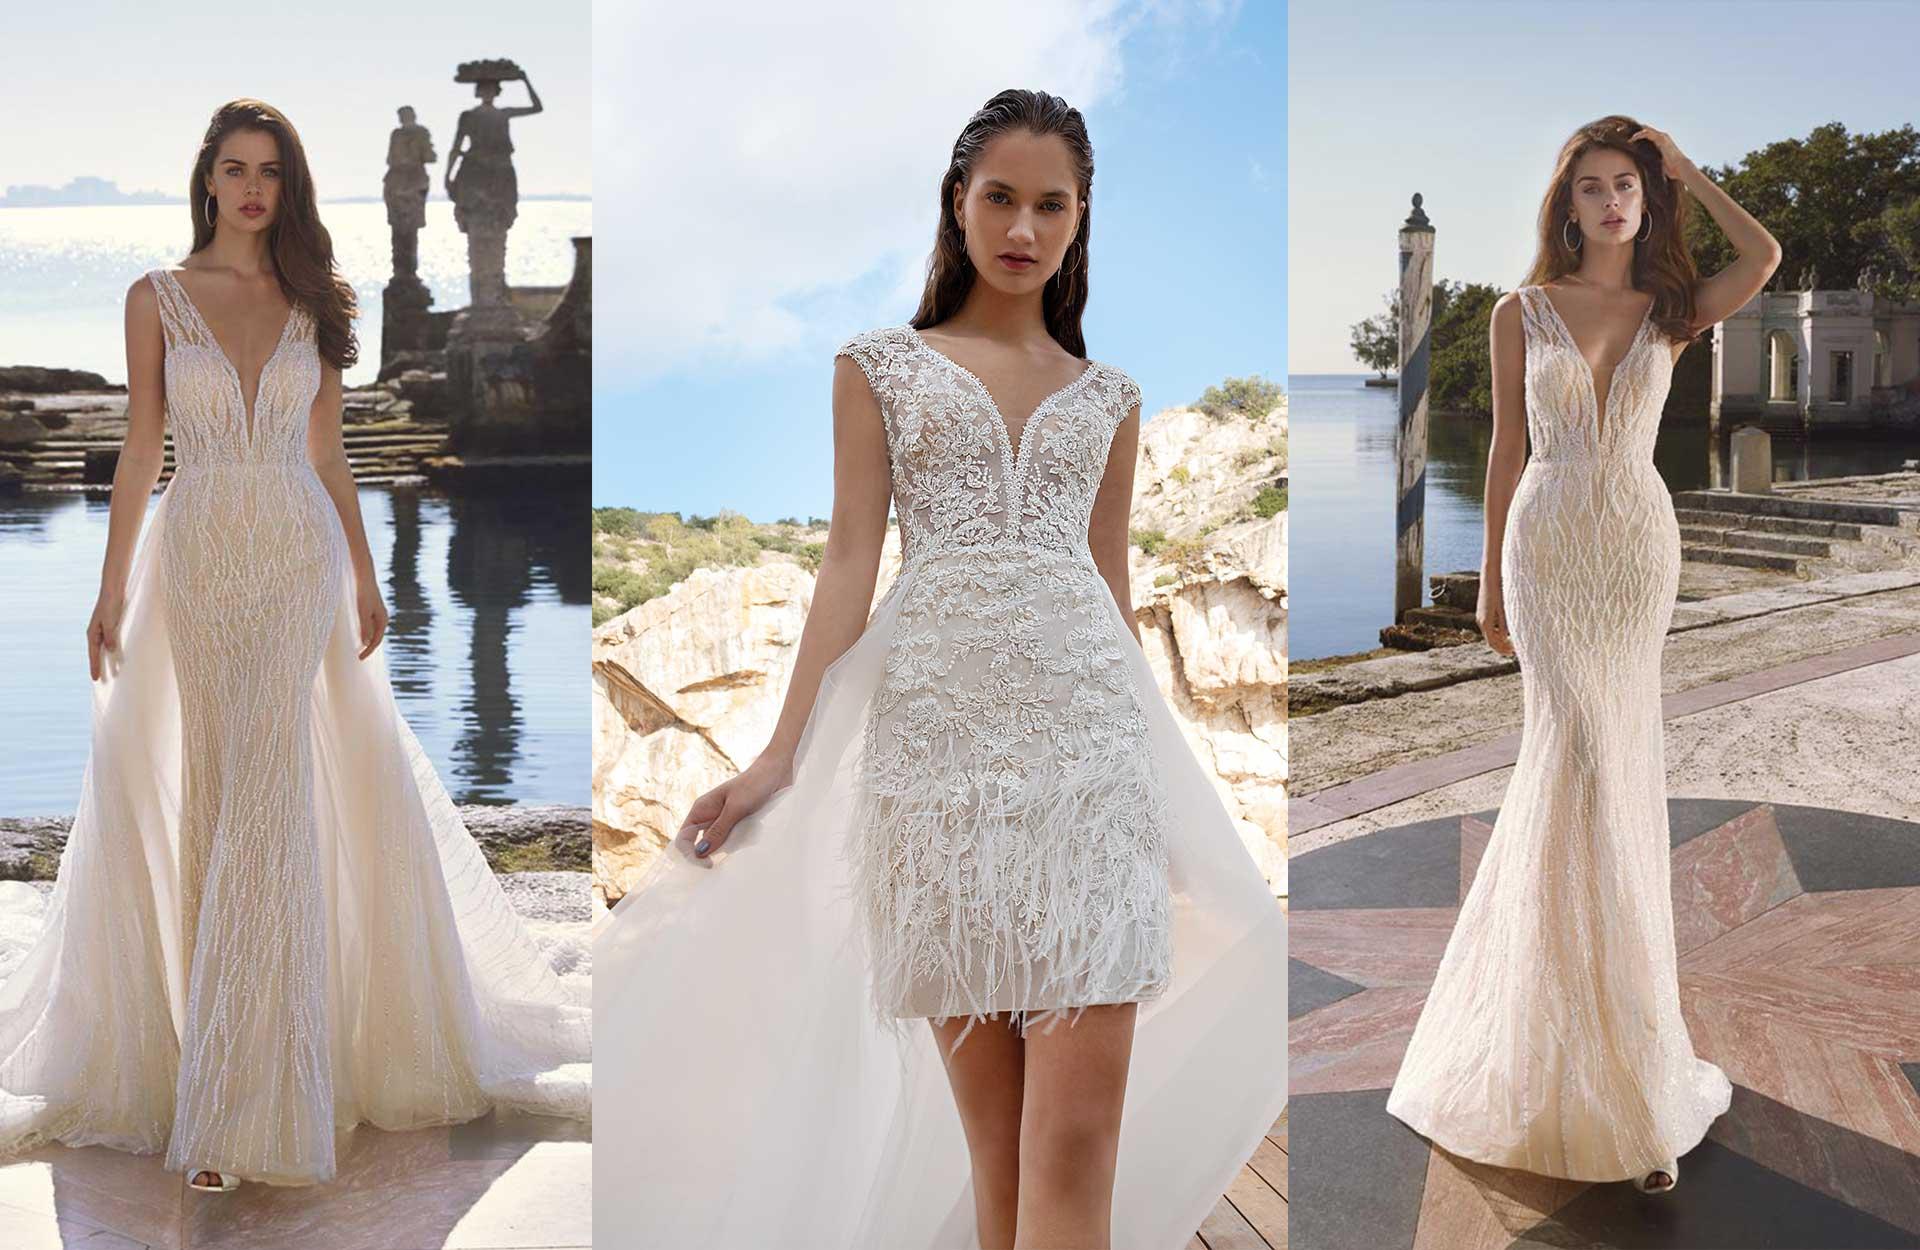 Trend nr 2. Ændringsbare kjoler